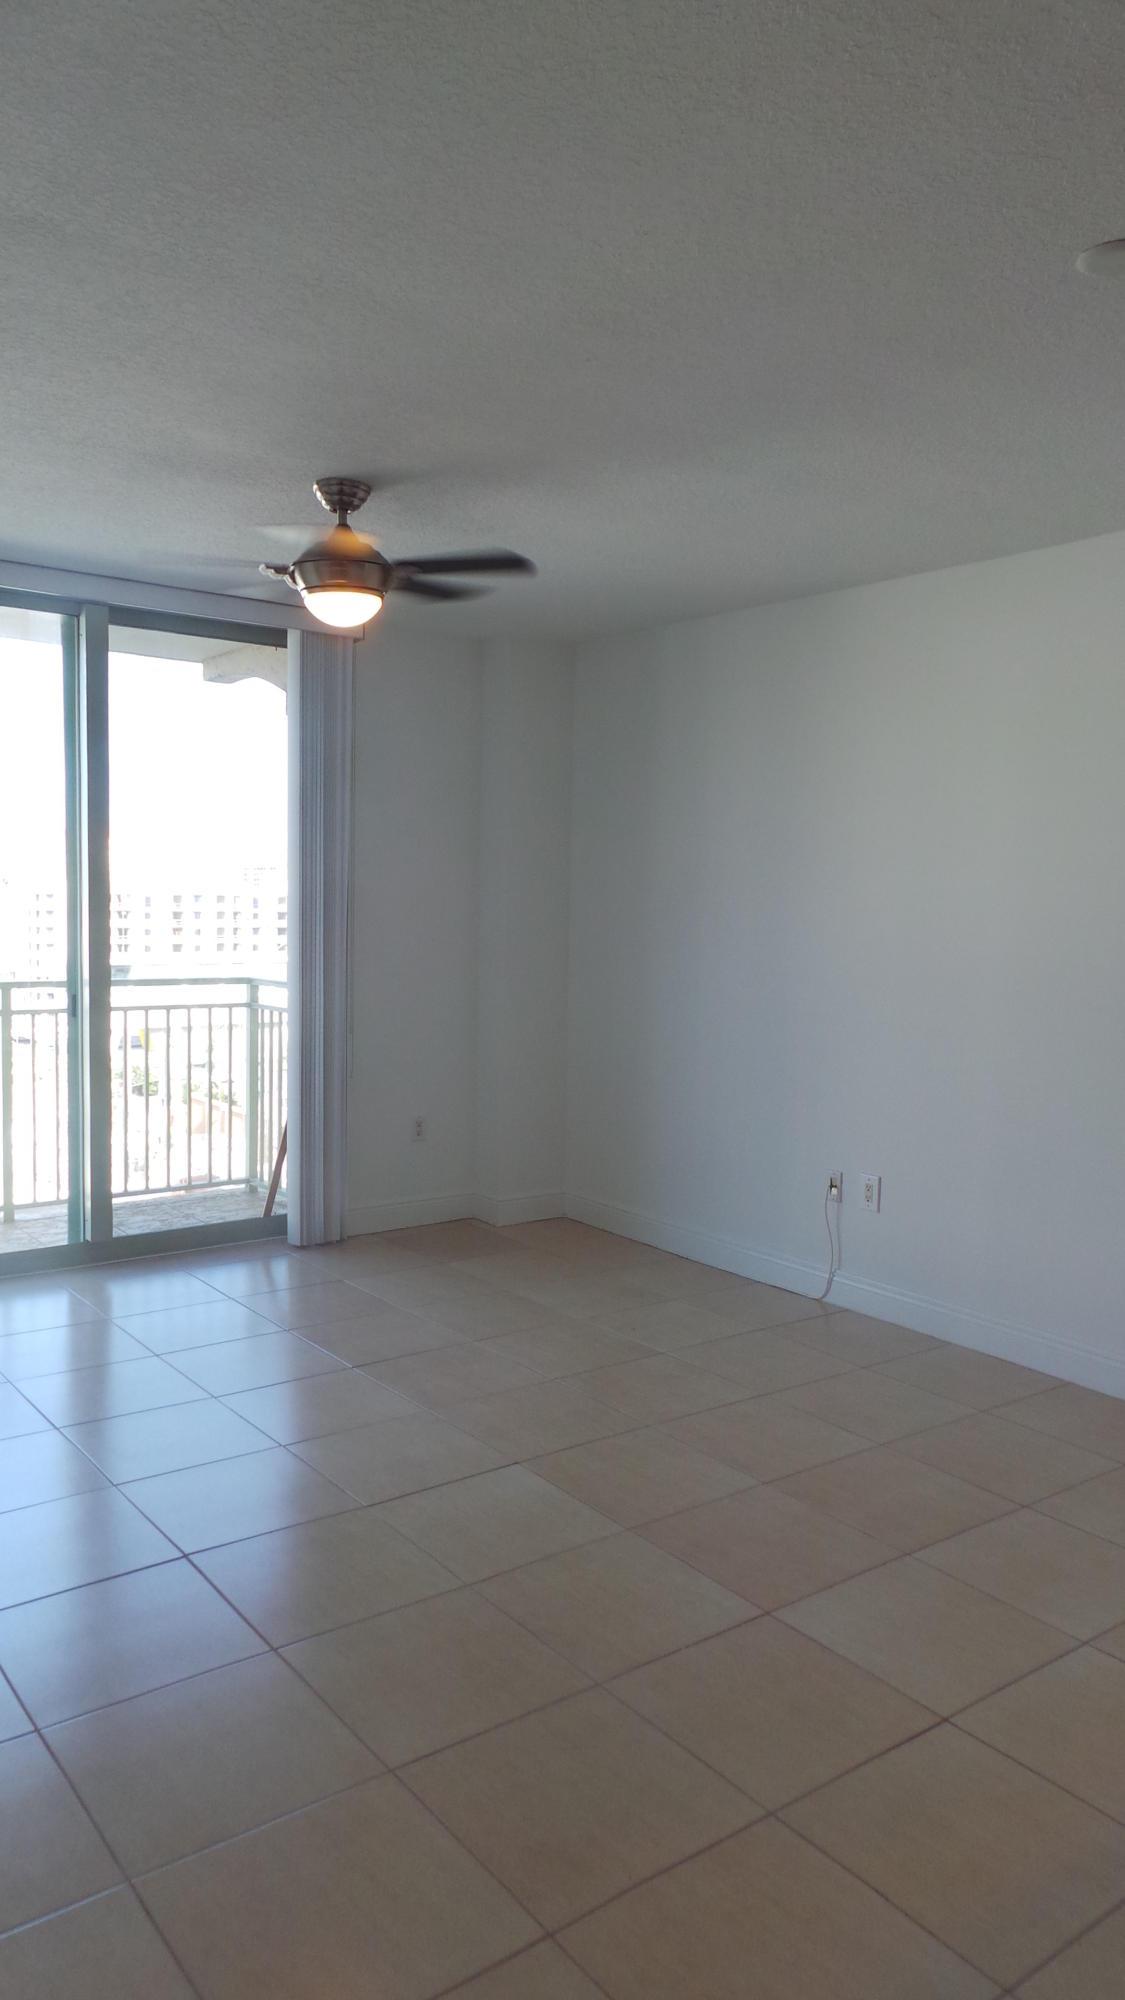 610 Clematis Street 616 West Palm Beach, FL 33401 photo 6